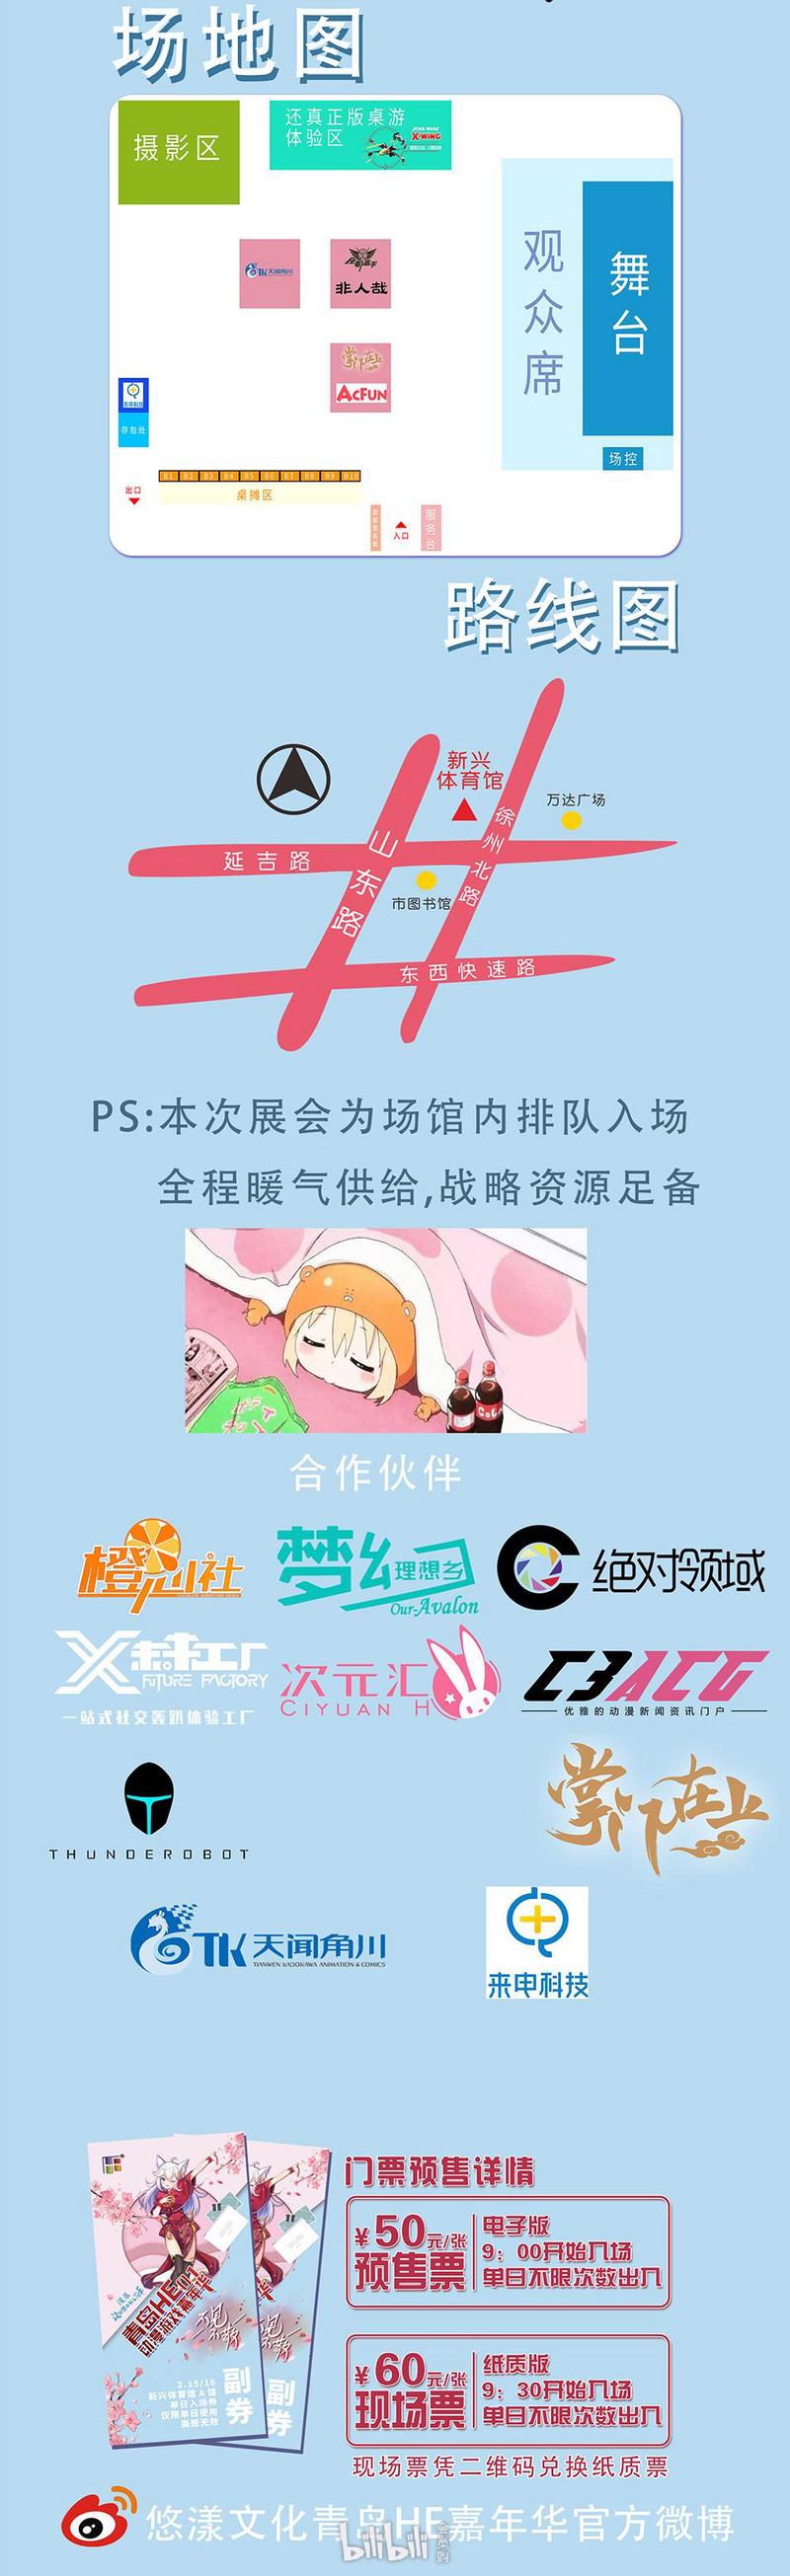 青岛·HE01动漫游戏嘉年华-C3动漫网